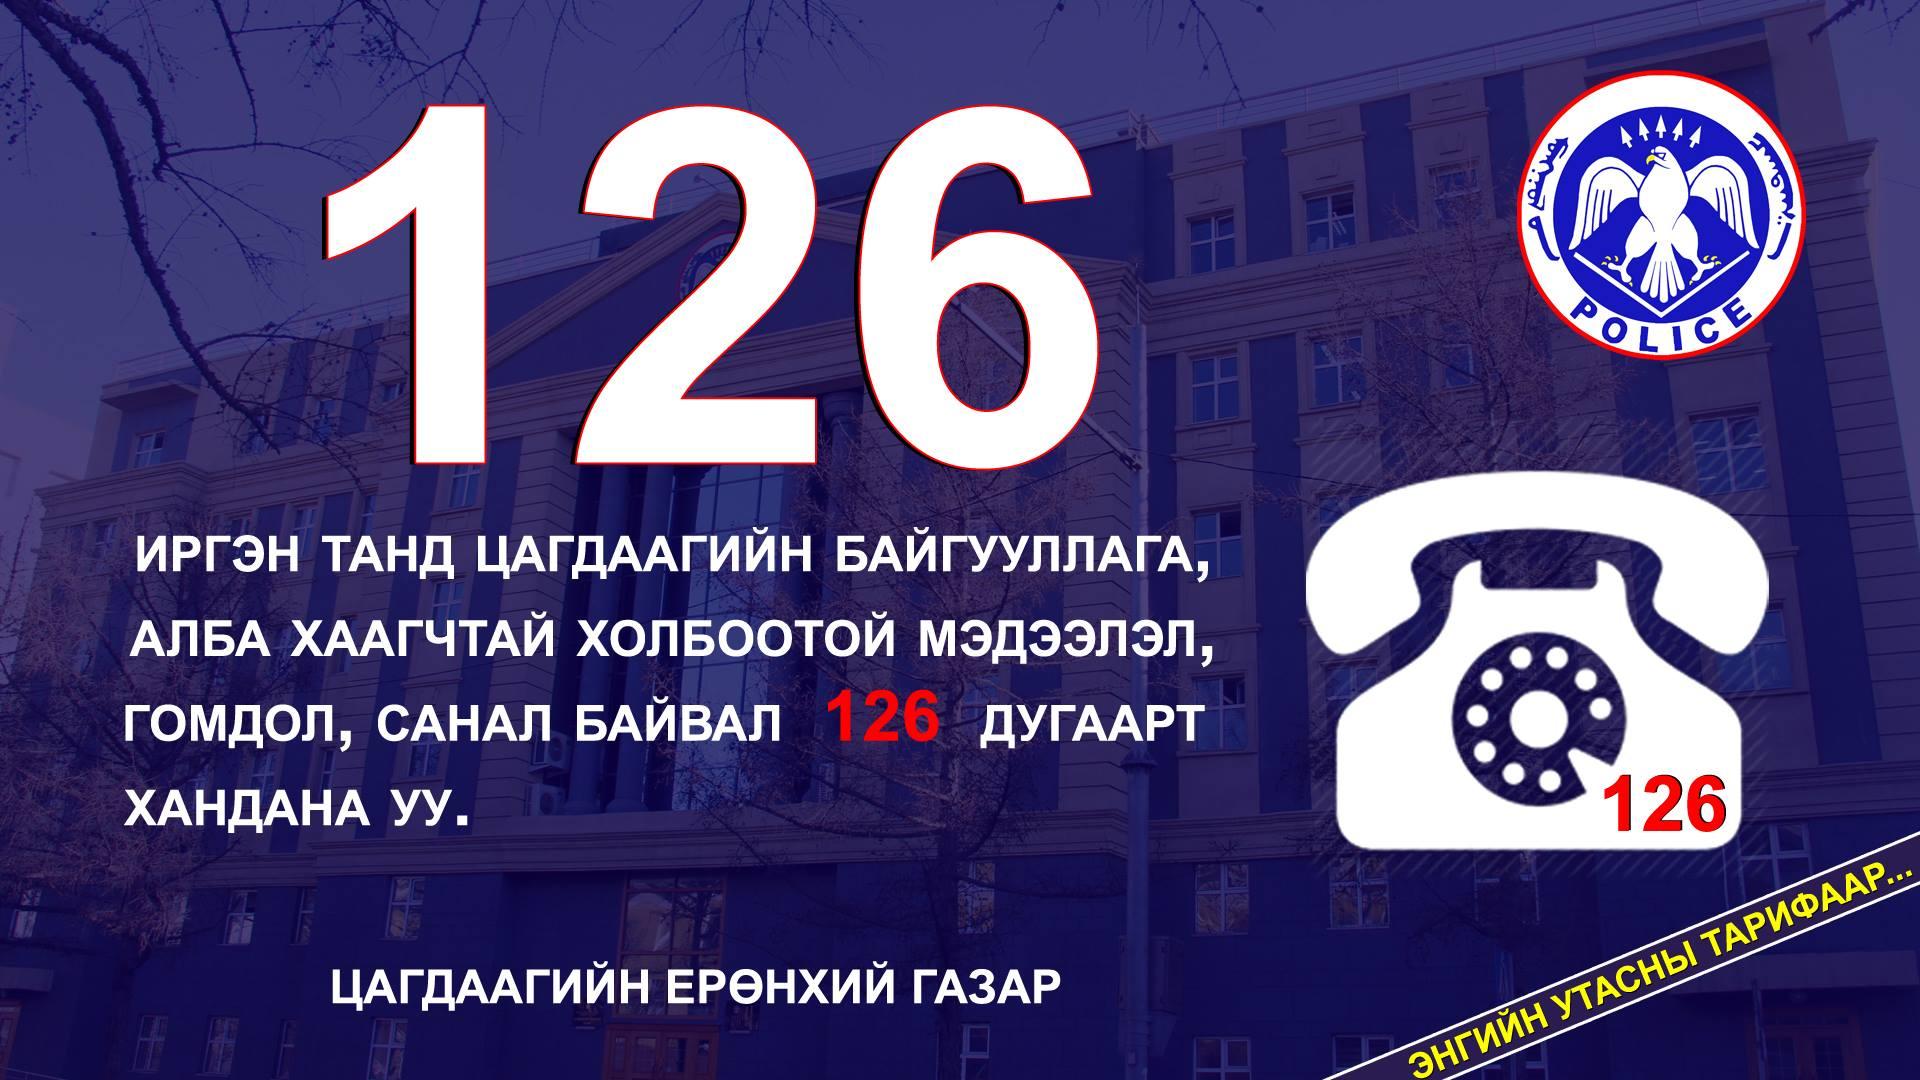 Цагдаатай холбоотой гомдлыг 126 дугаарын утсаар хүлээн авна